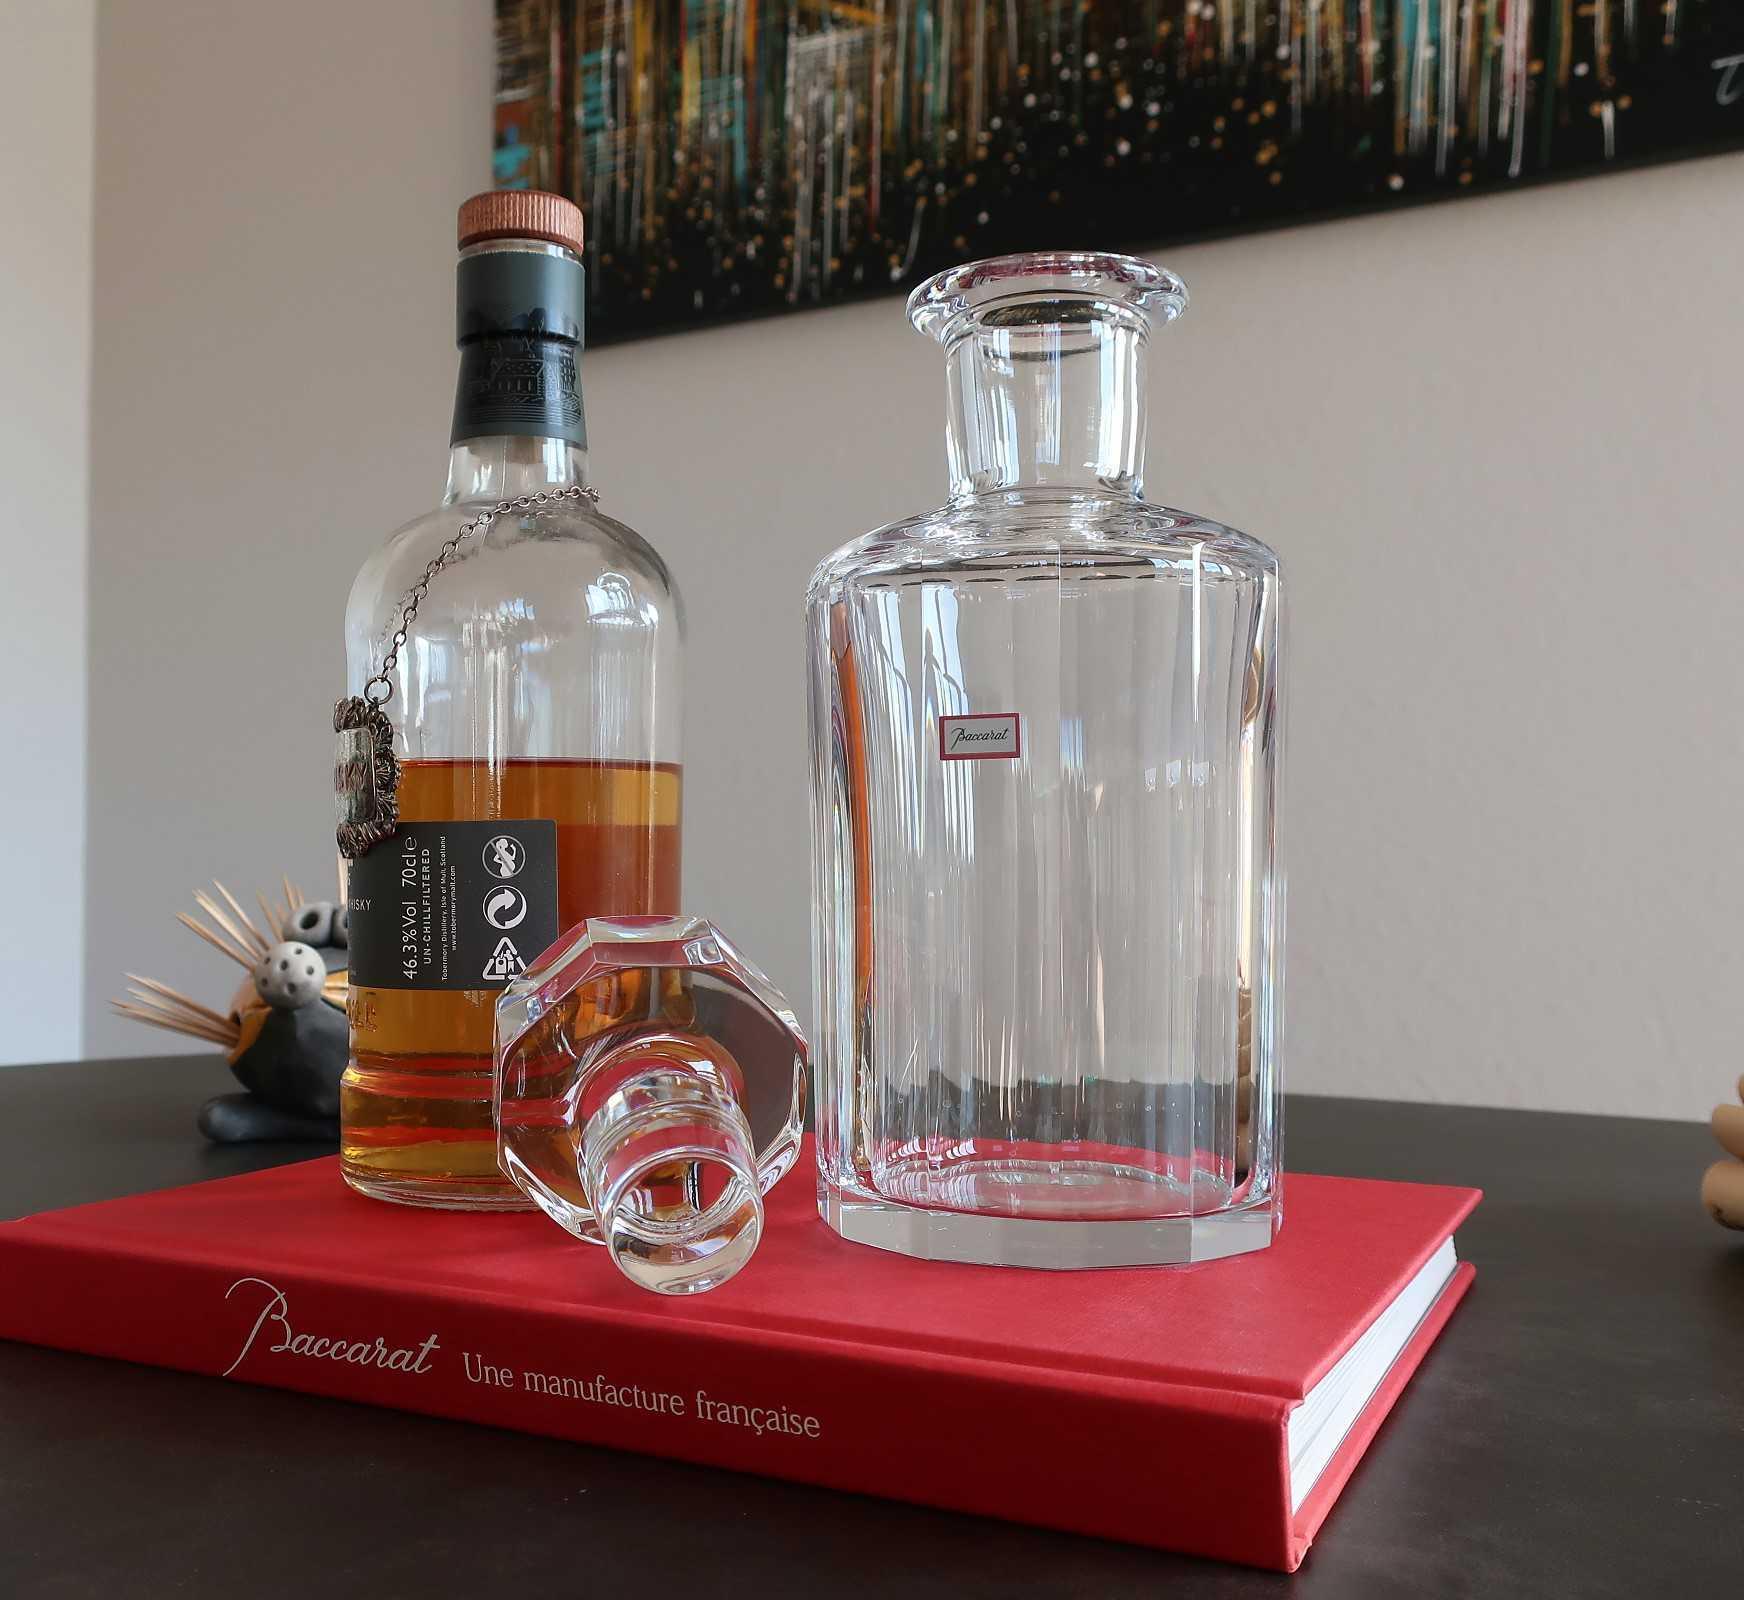 Flacon à whisky Monaco, cristal Baccarat.